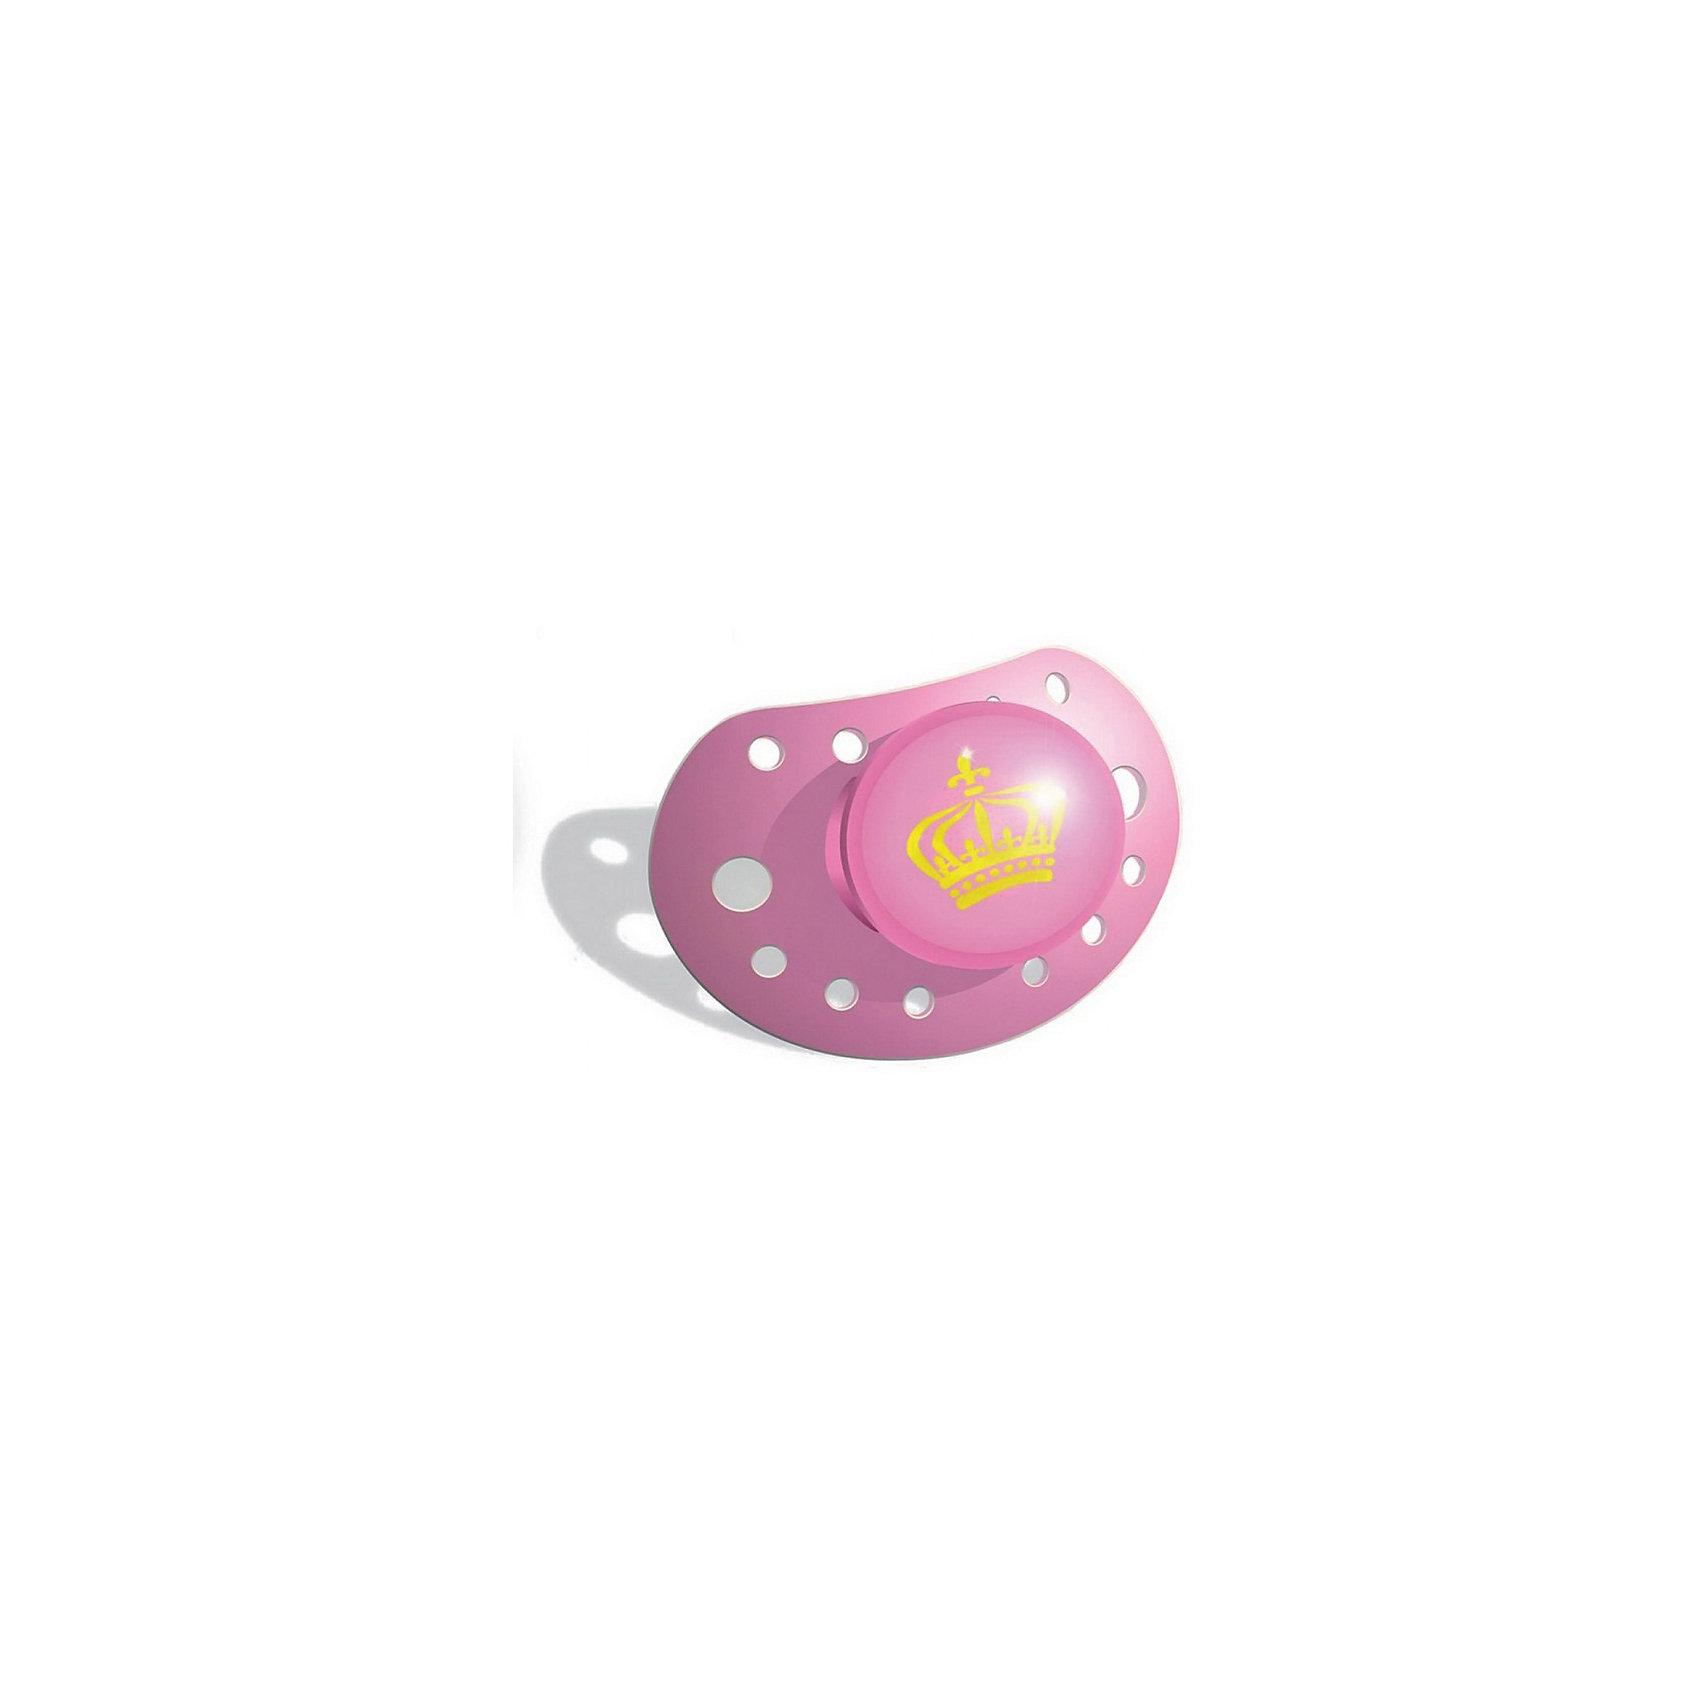 Силиконовая пустышка Petit Royal Pink, с 3 мес., розовыйПустышка Petit Royal Pink 103003 – исключительно для будущей королевы!<br>Ортодонтальная форма и безопасные материалы вместе с потрясающим дизайном – это именно то, что нужно каждому ребенку. Маленькая, но очень удобная соска однозначно понравится вашему ребенку.<br><br>Дополнительная информация:<br><br>- Вес и размер: 25гр, 140Х80Х50<br>- Материал: тритан (соответствует европейскому стандарту)<br>- Не содержит бисфенол А<br>- Ортодонтальная форма<br><br>Пустышку Petit Royal Pink 103003 можно купить в нашем интернет-магазине.<br><br>Ширина мм: 140<br>Глубина мм: 80<br>Высота мм: 50<br>Вес г: 25<br>Возраст от месяцев: 3<br>Возраст до месяцев: 12<br>Пол: Женский<br>Возраст: Детский<br>SKU: 4887730